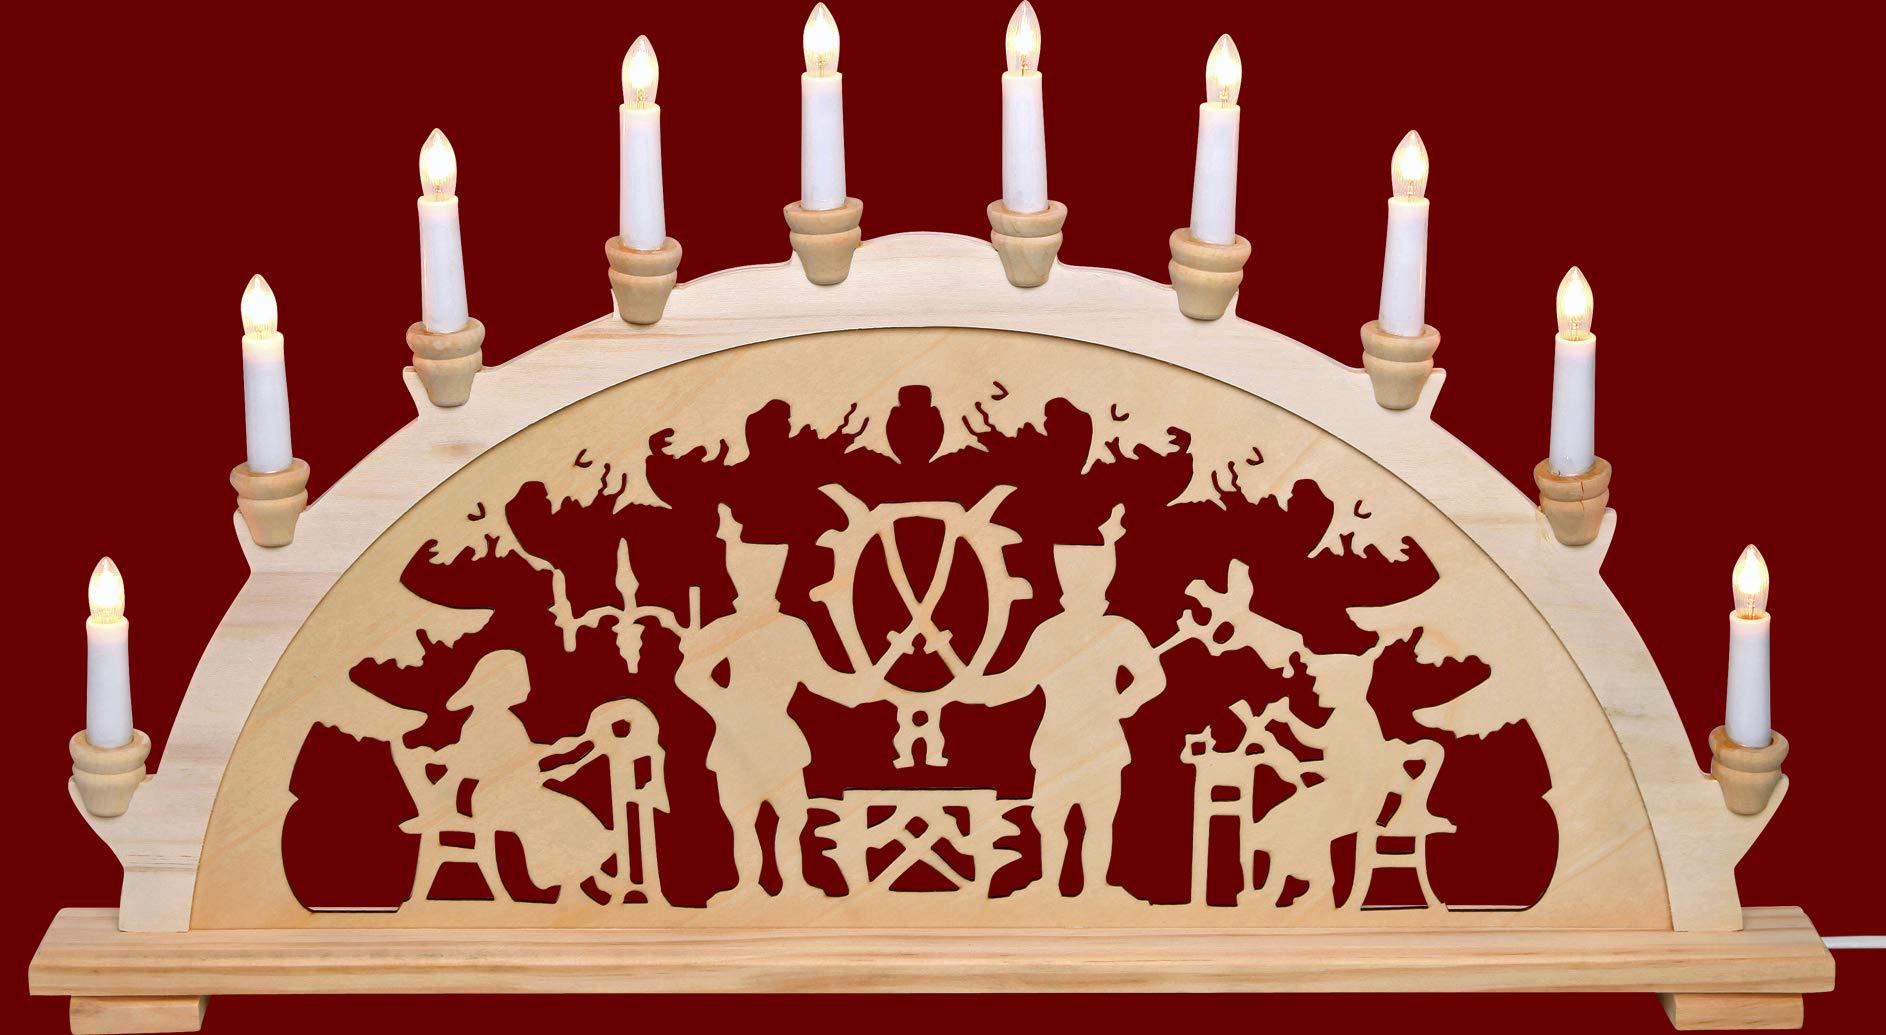 yanka-style-XL-Schwibbogen-Lichterbogen-Leuchter-Bergleute-ca-72-cm-breit-traditionelles-Motiv-10flammig-Weihnachten-Advent-Geschenk-Dekoration-83141-43